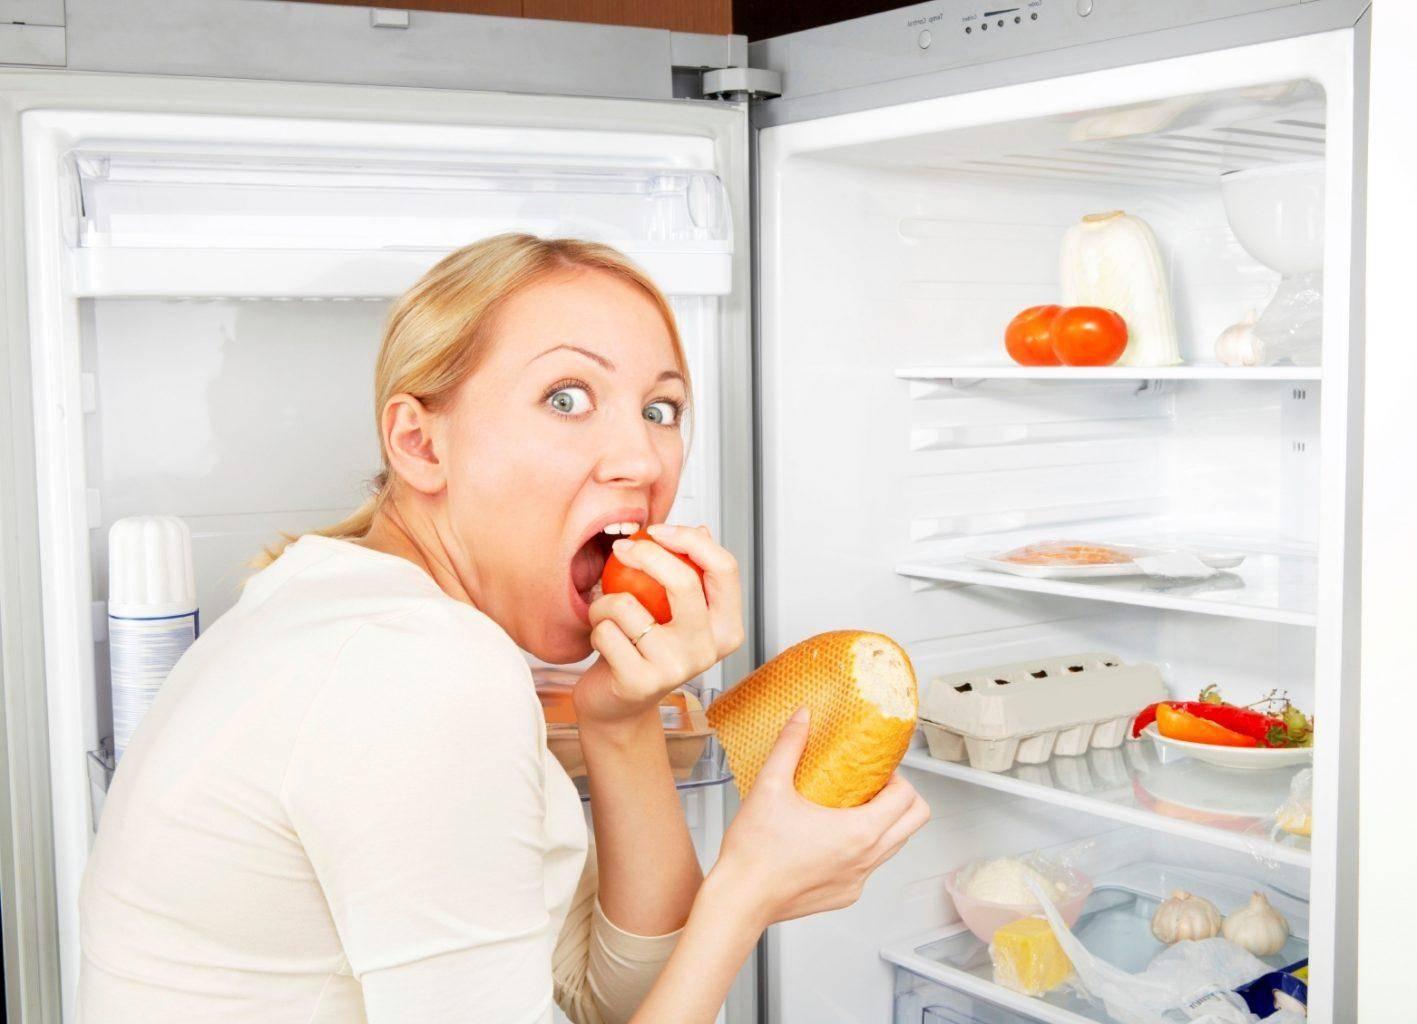 Почему все время хочется есть? 20 причин, по которым вы голодны 24/7